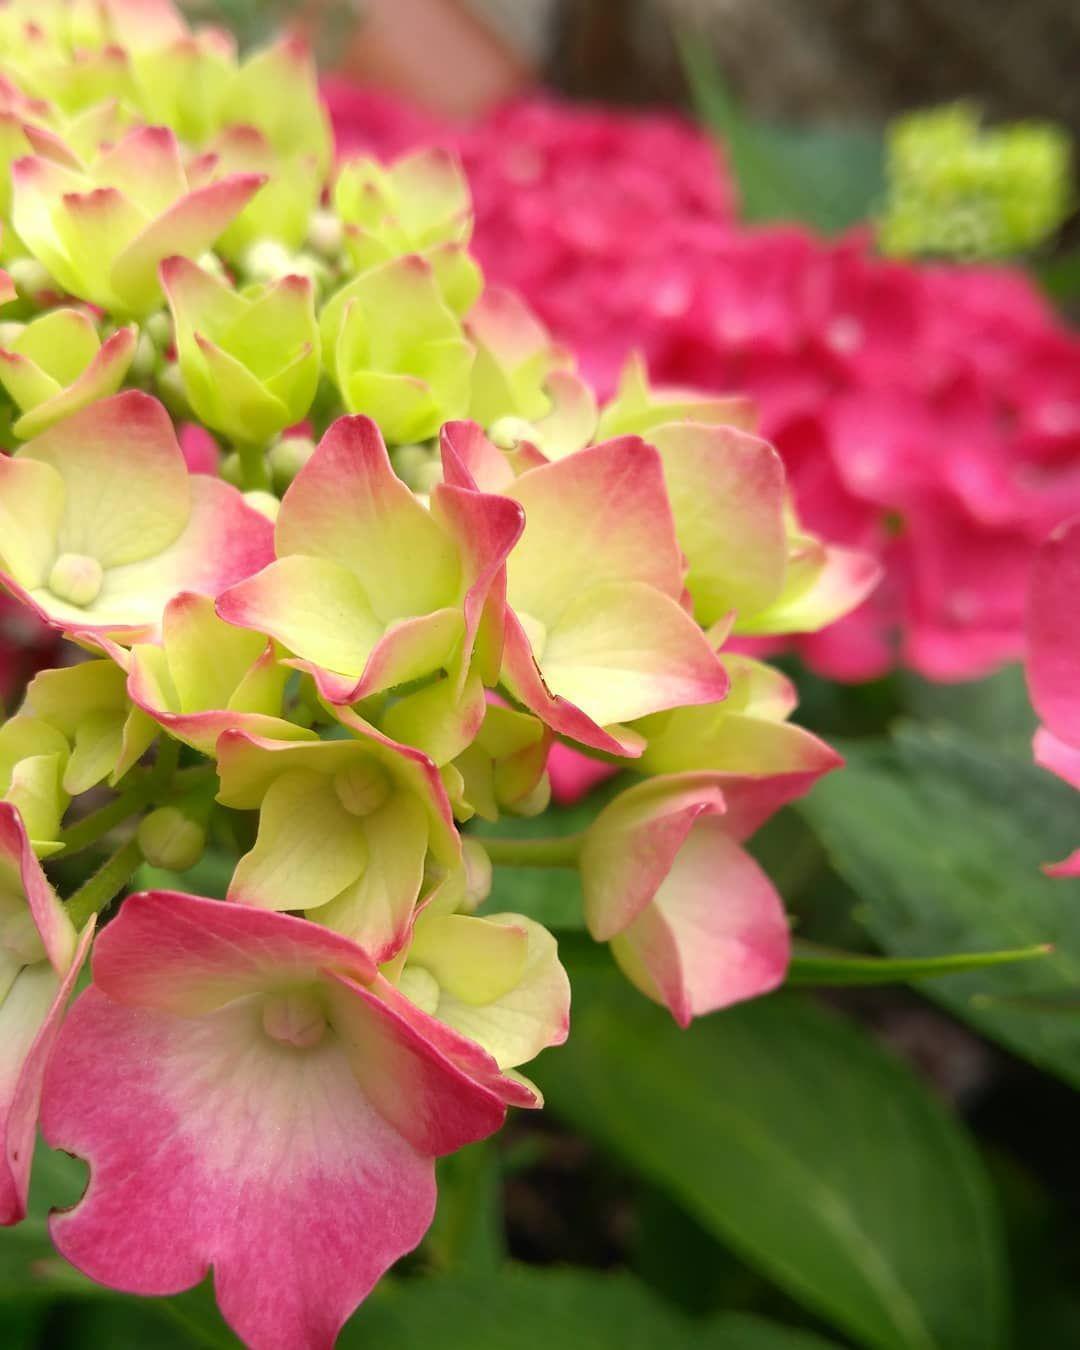 Einen wunderschönen Blütenmontagabend und einen tollen Start in die Woche 🌸 .  #hortensie #blütenknospen #naturpur #meingarten